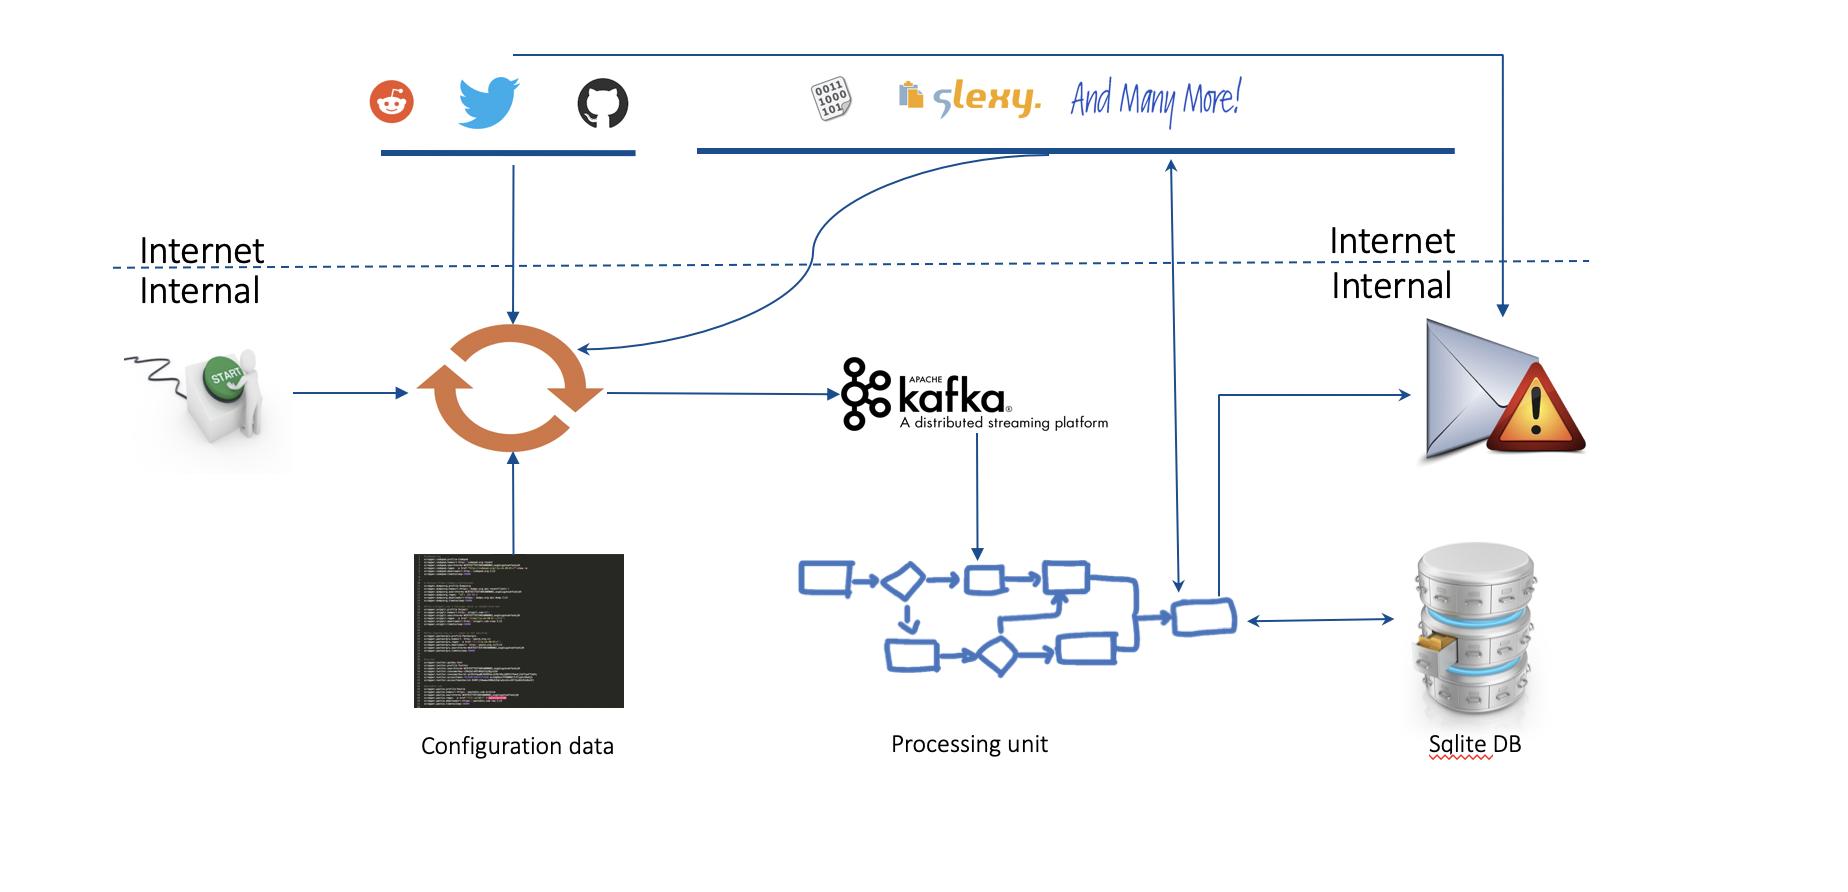 [BlackHat Europe tool] Real Time Threat Monitoring Tool